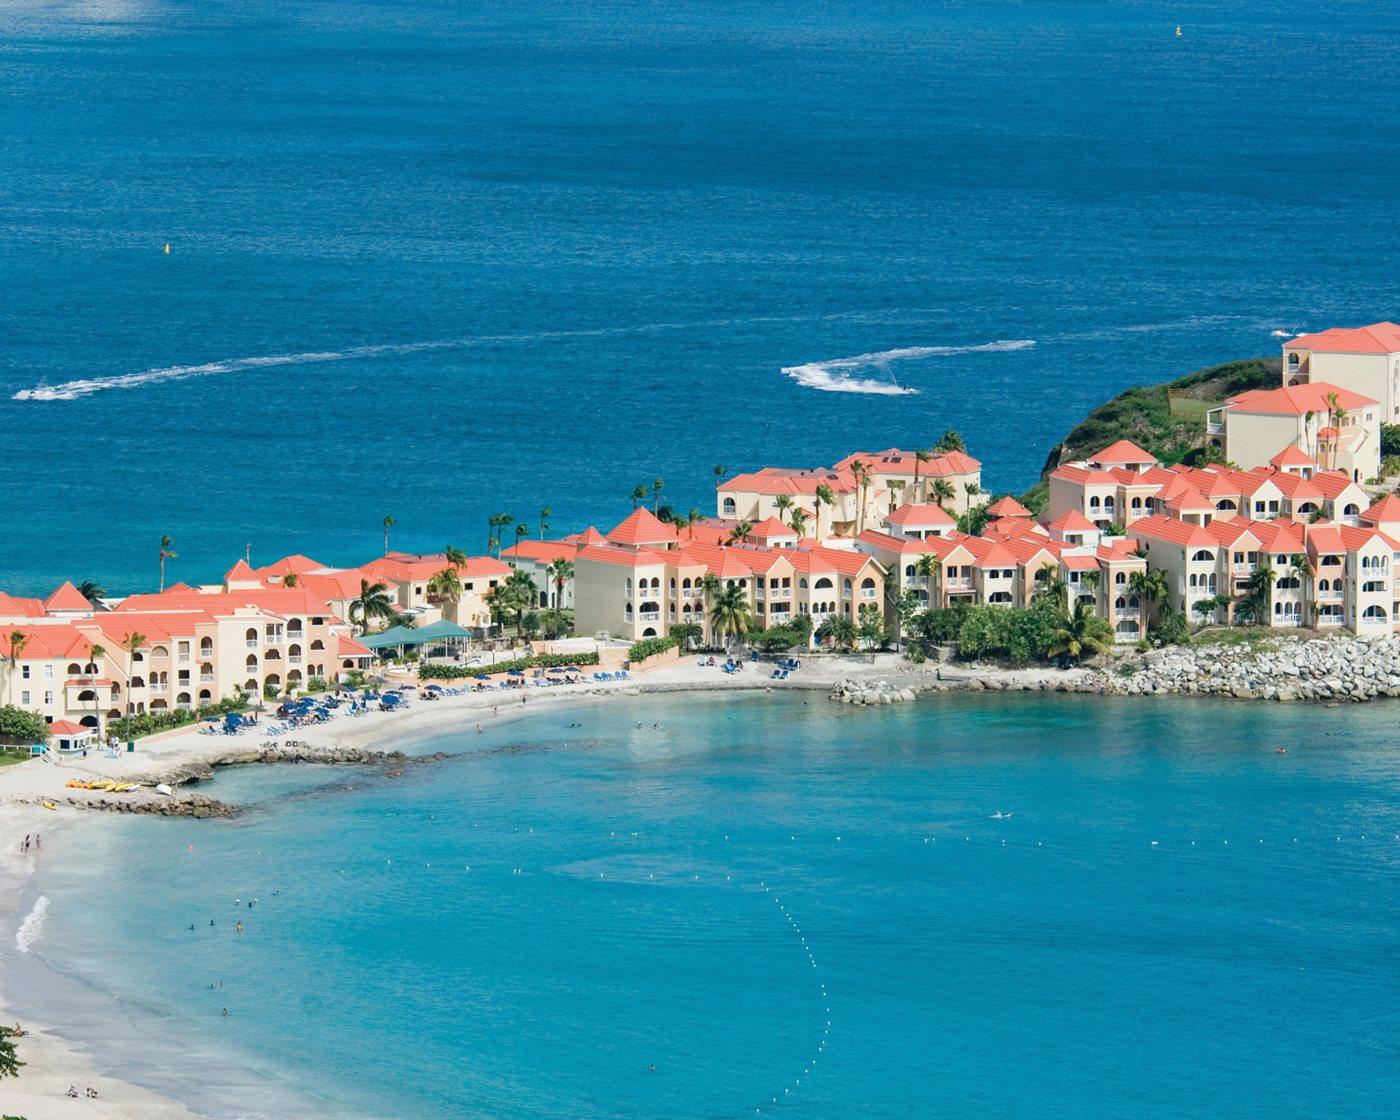 divi little bay beach resort - st.martin/st.maarten | transat